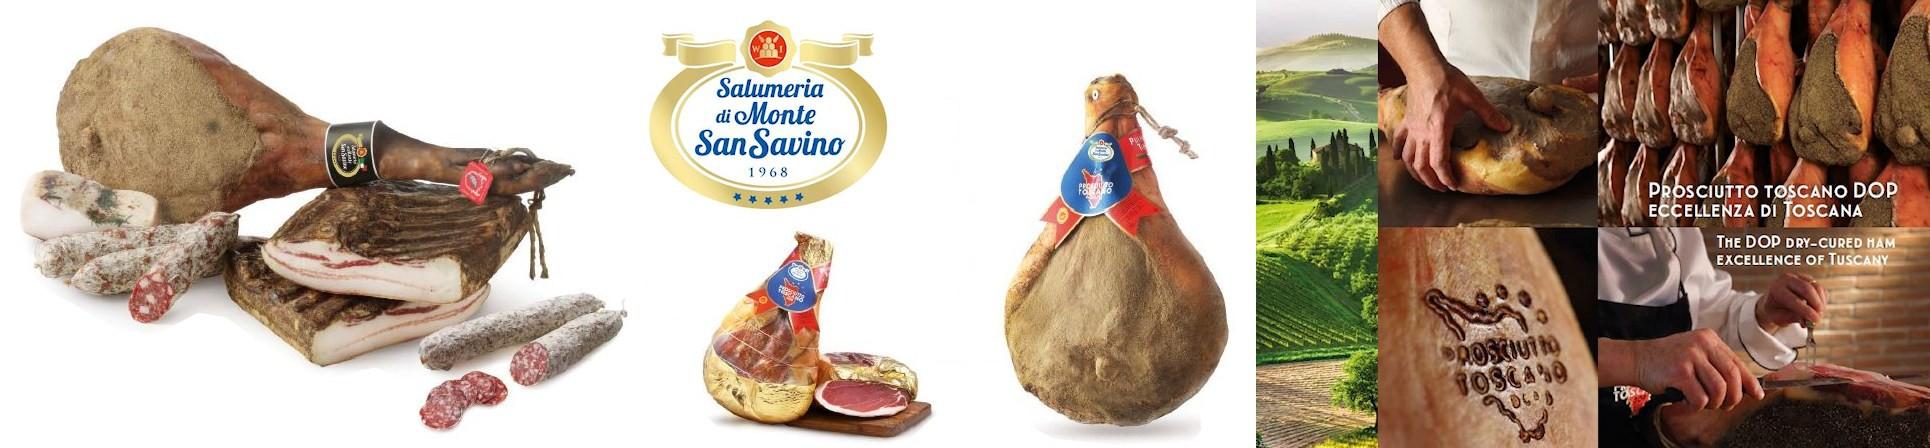 Prosciutto toscano DOP e Prosciutto di Cinta Senese - Antica Salumeria di Monte San Savino - vendita online